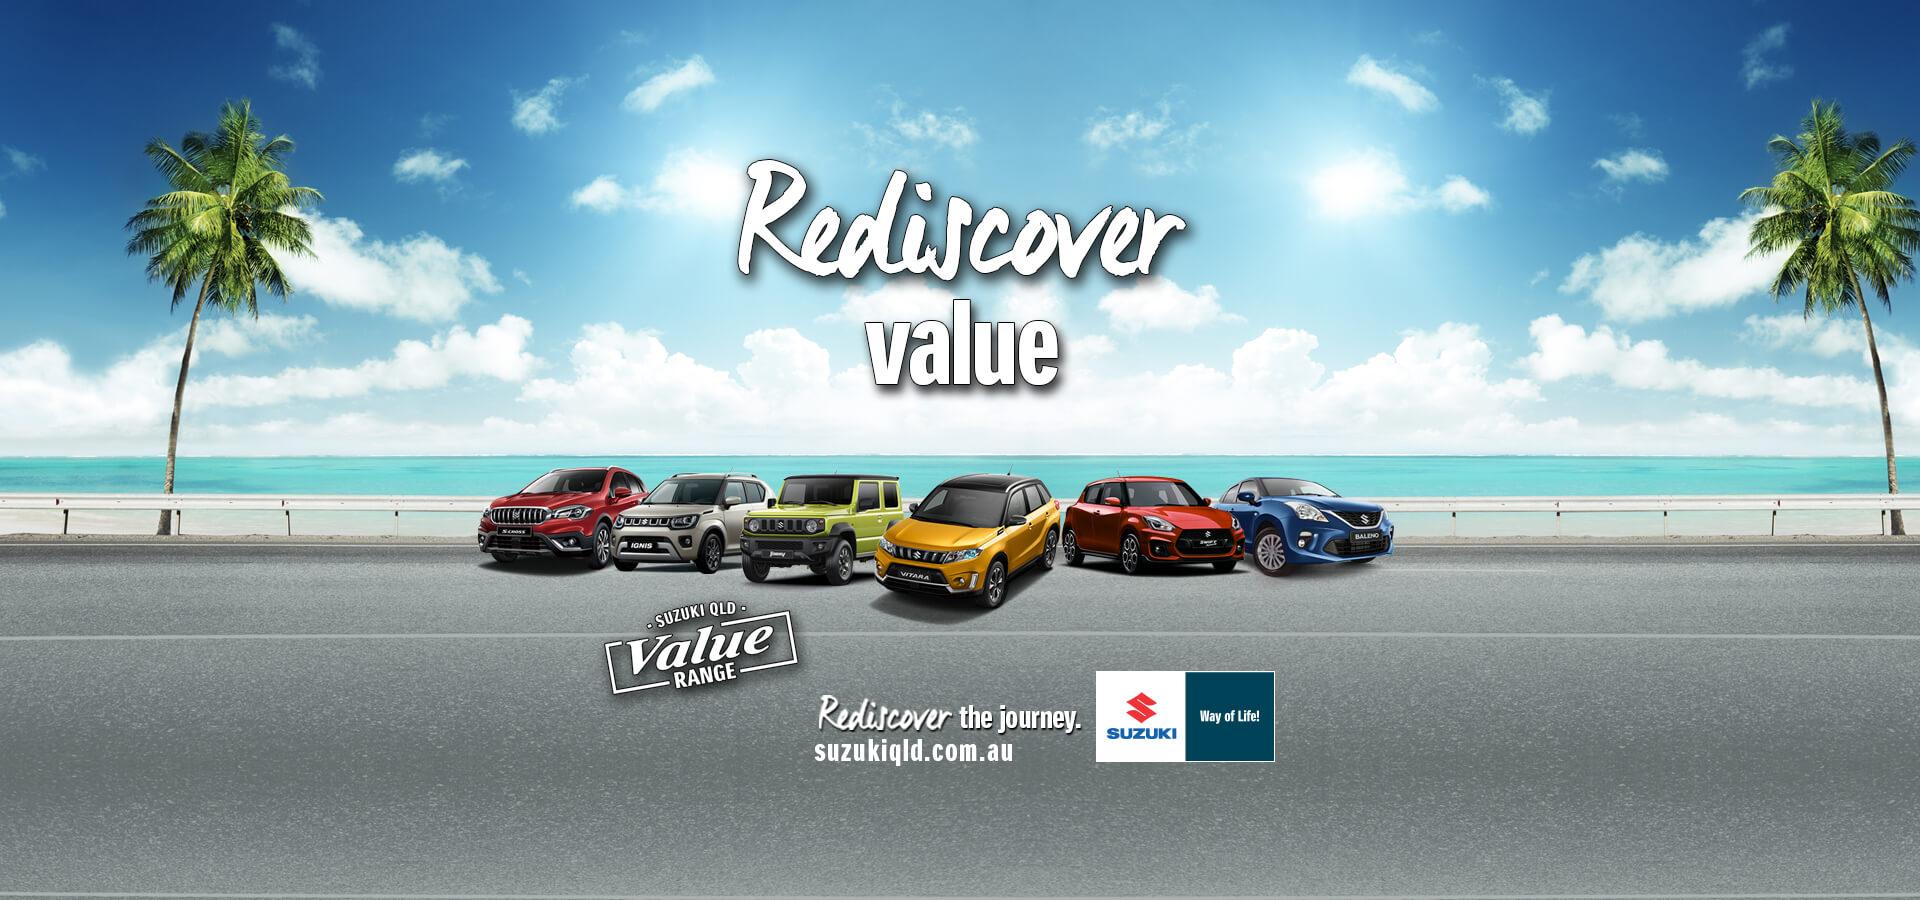 Suzuki Queensland Offers